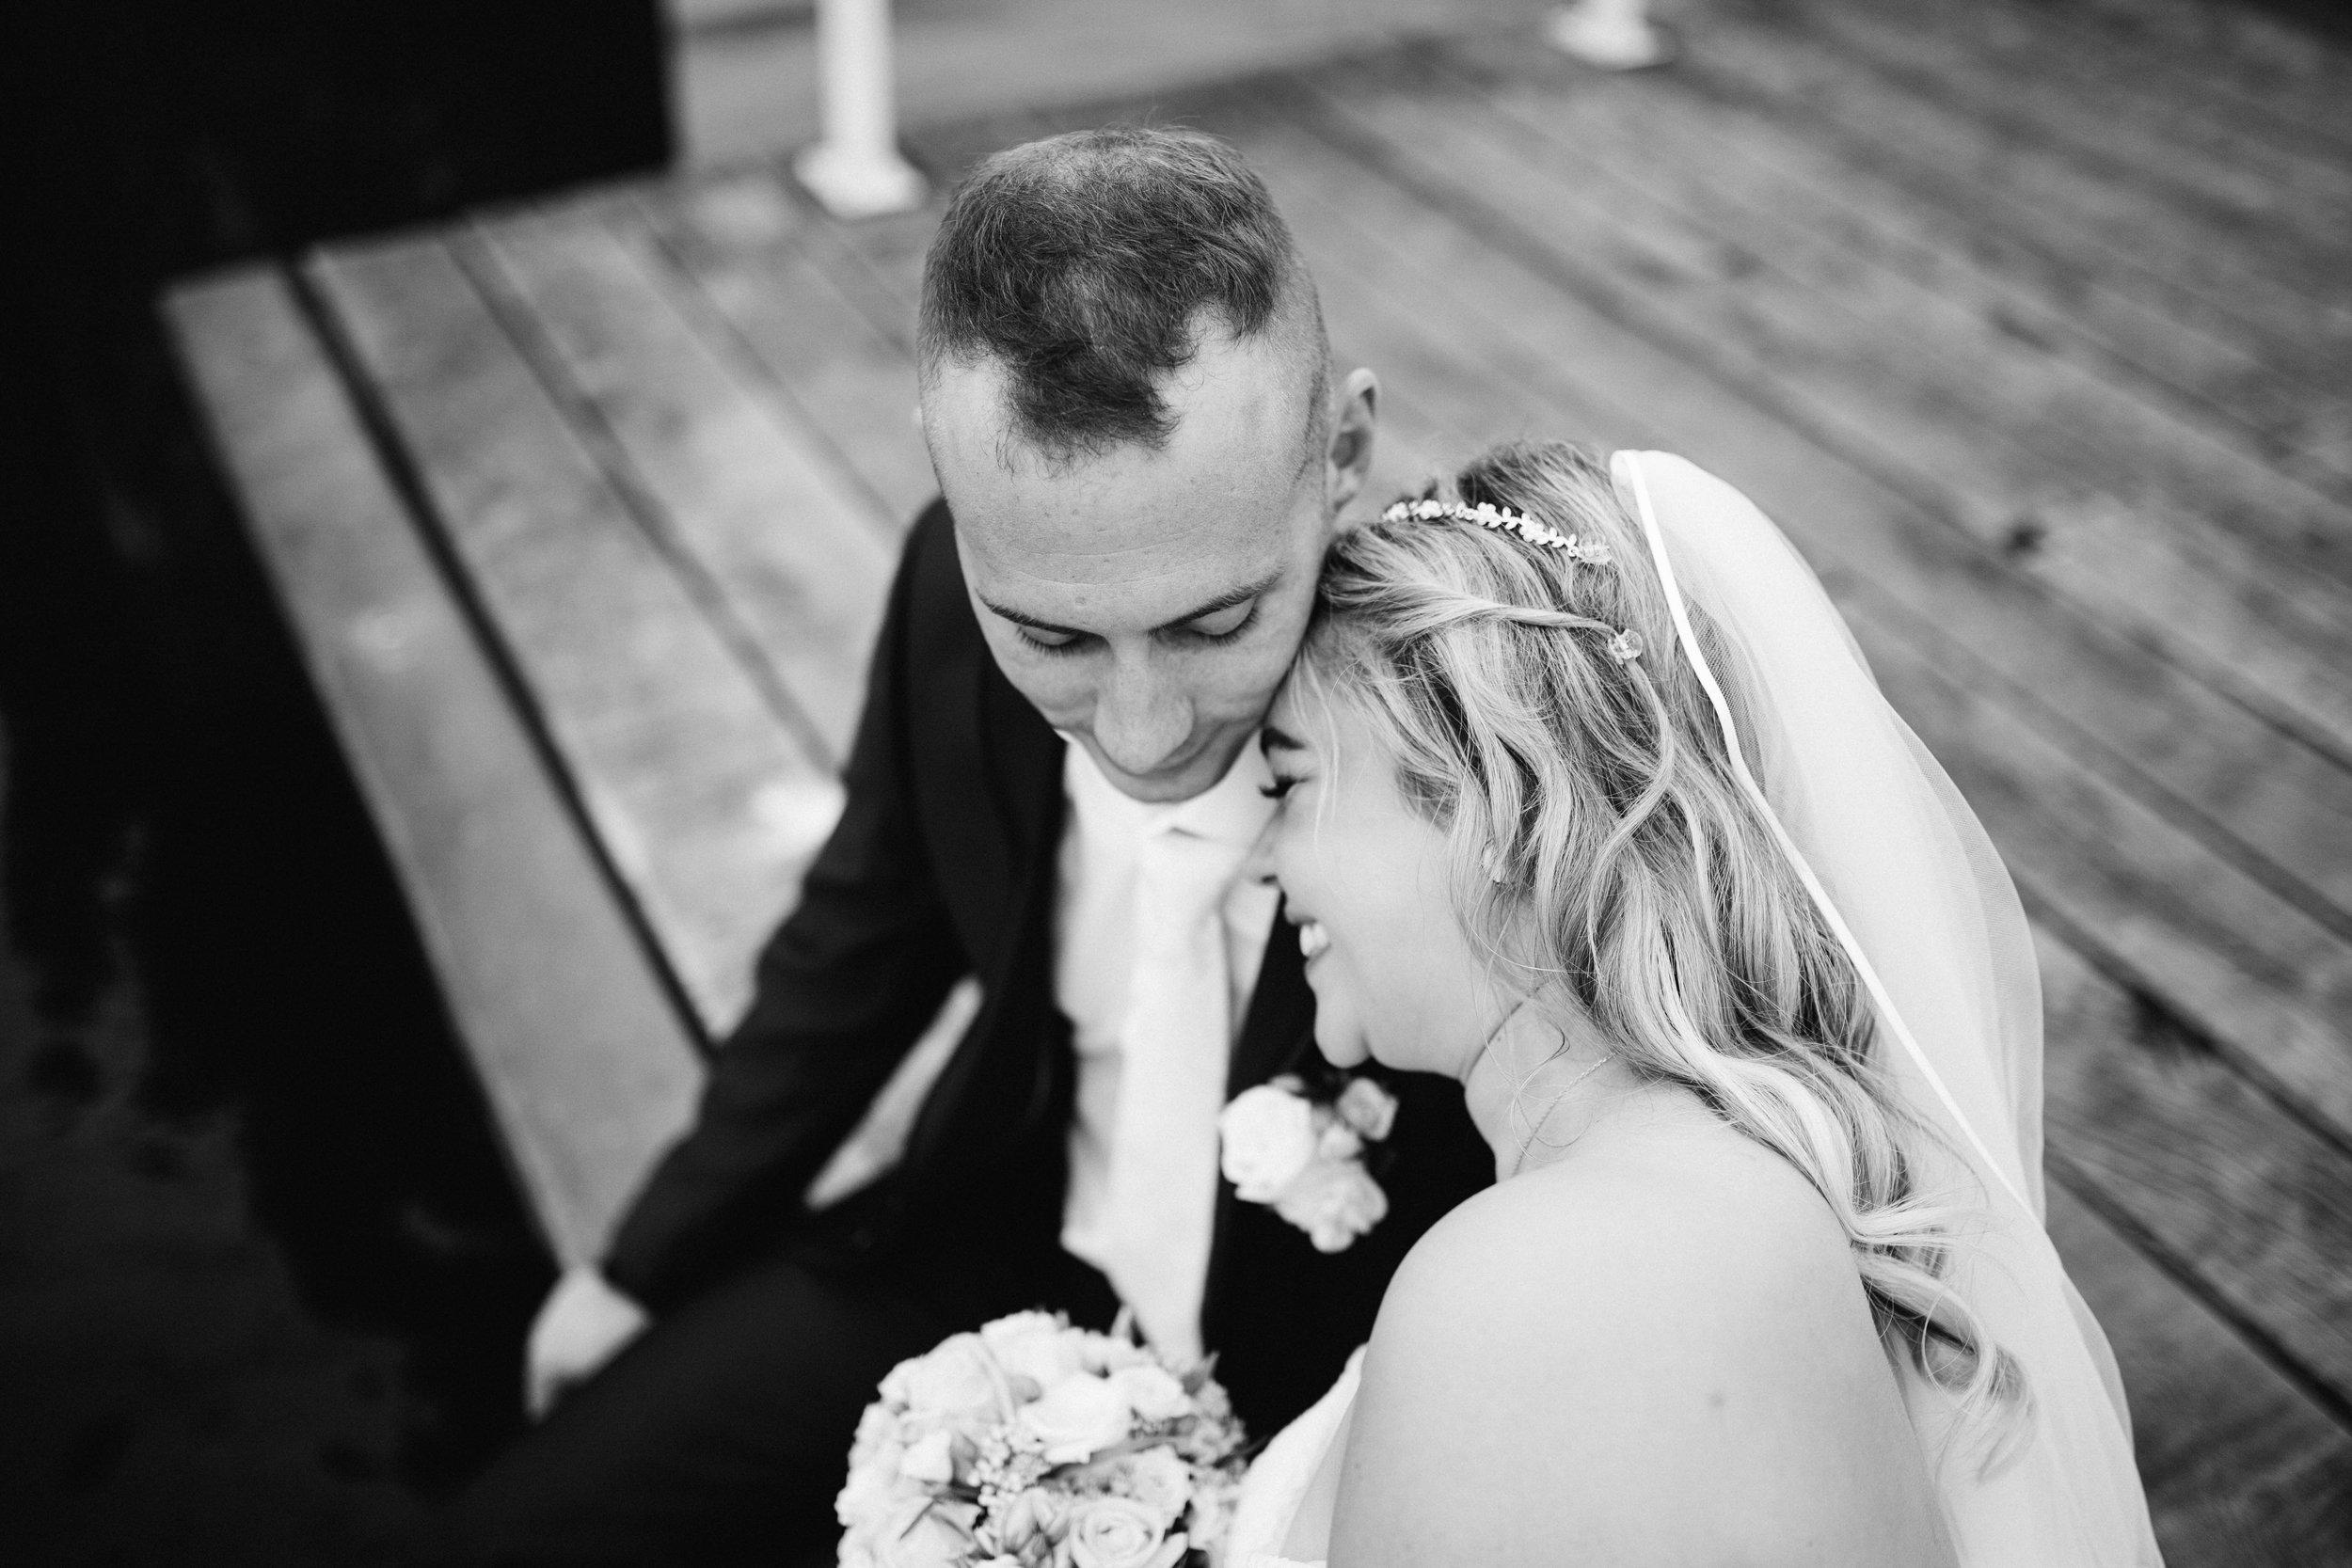 Eine Portraitaufnahme von einem Hochzeitspaar in Schwarz Weiß. Sie lehnt sich an seine Schulter und beide sind in ihrer eigenen Welt versunken. Die Aufnahme ist bei einer Hochzeit in Kiel entstanden.